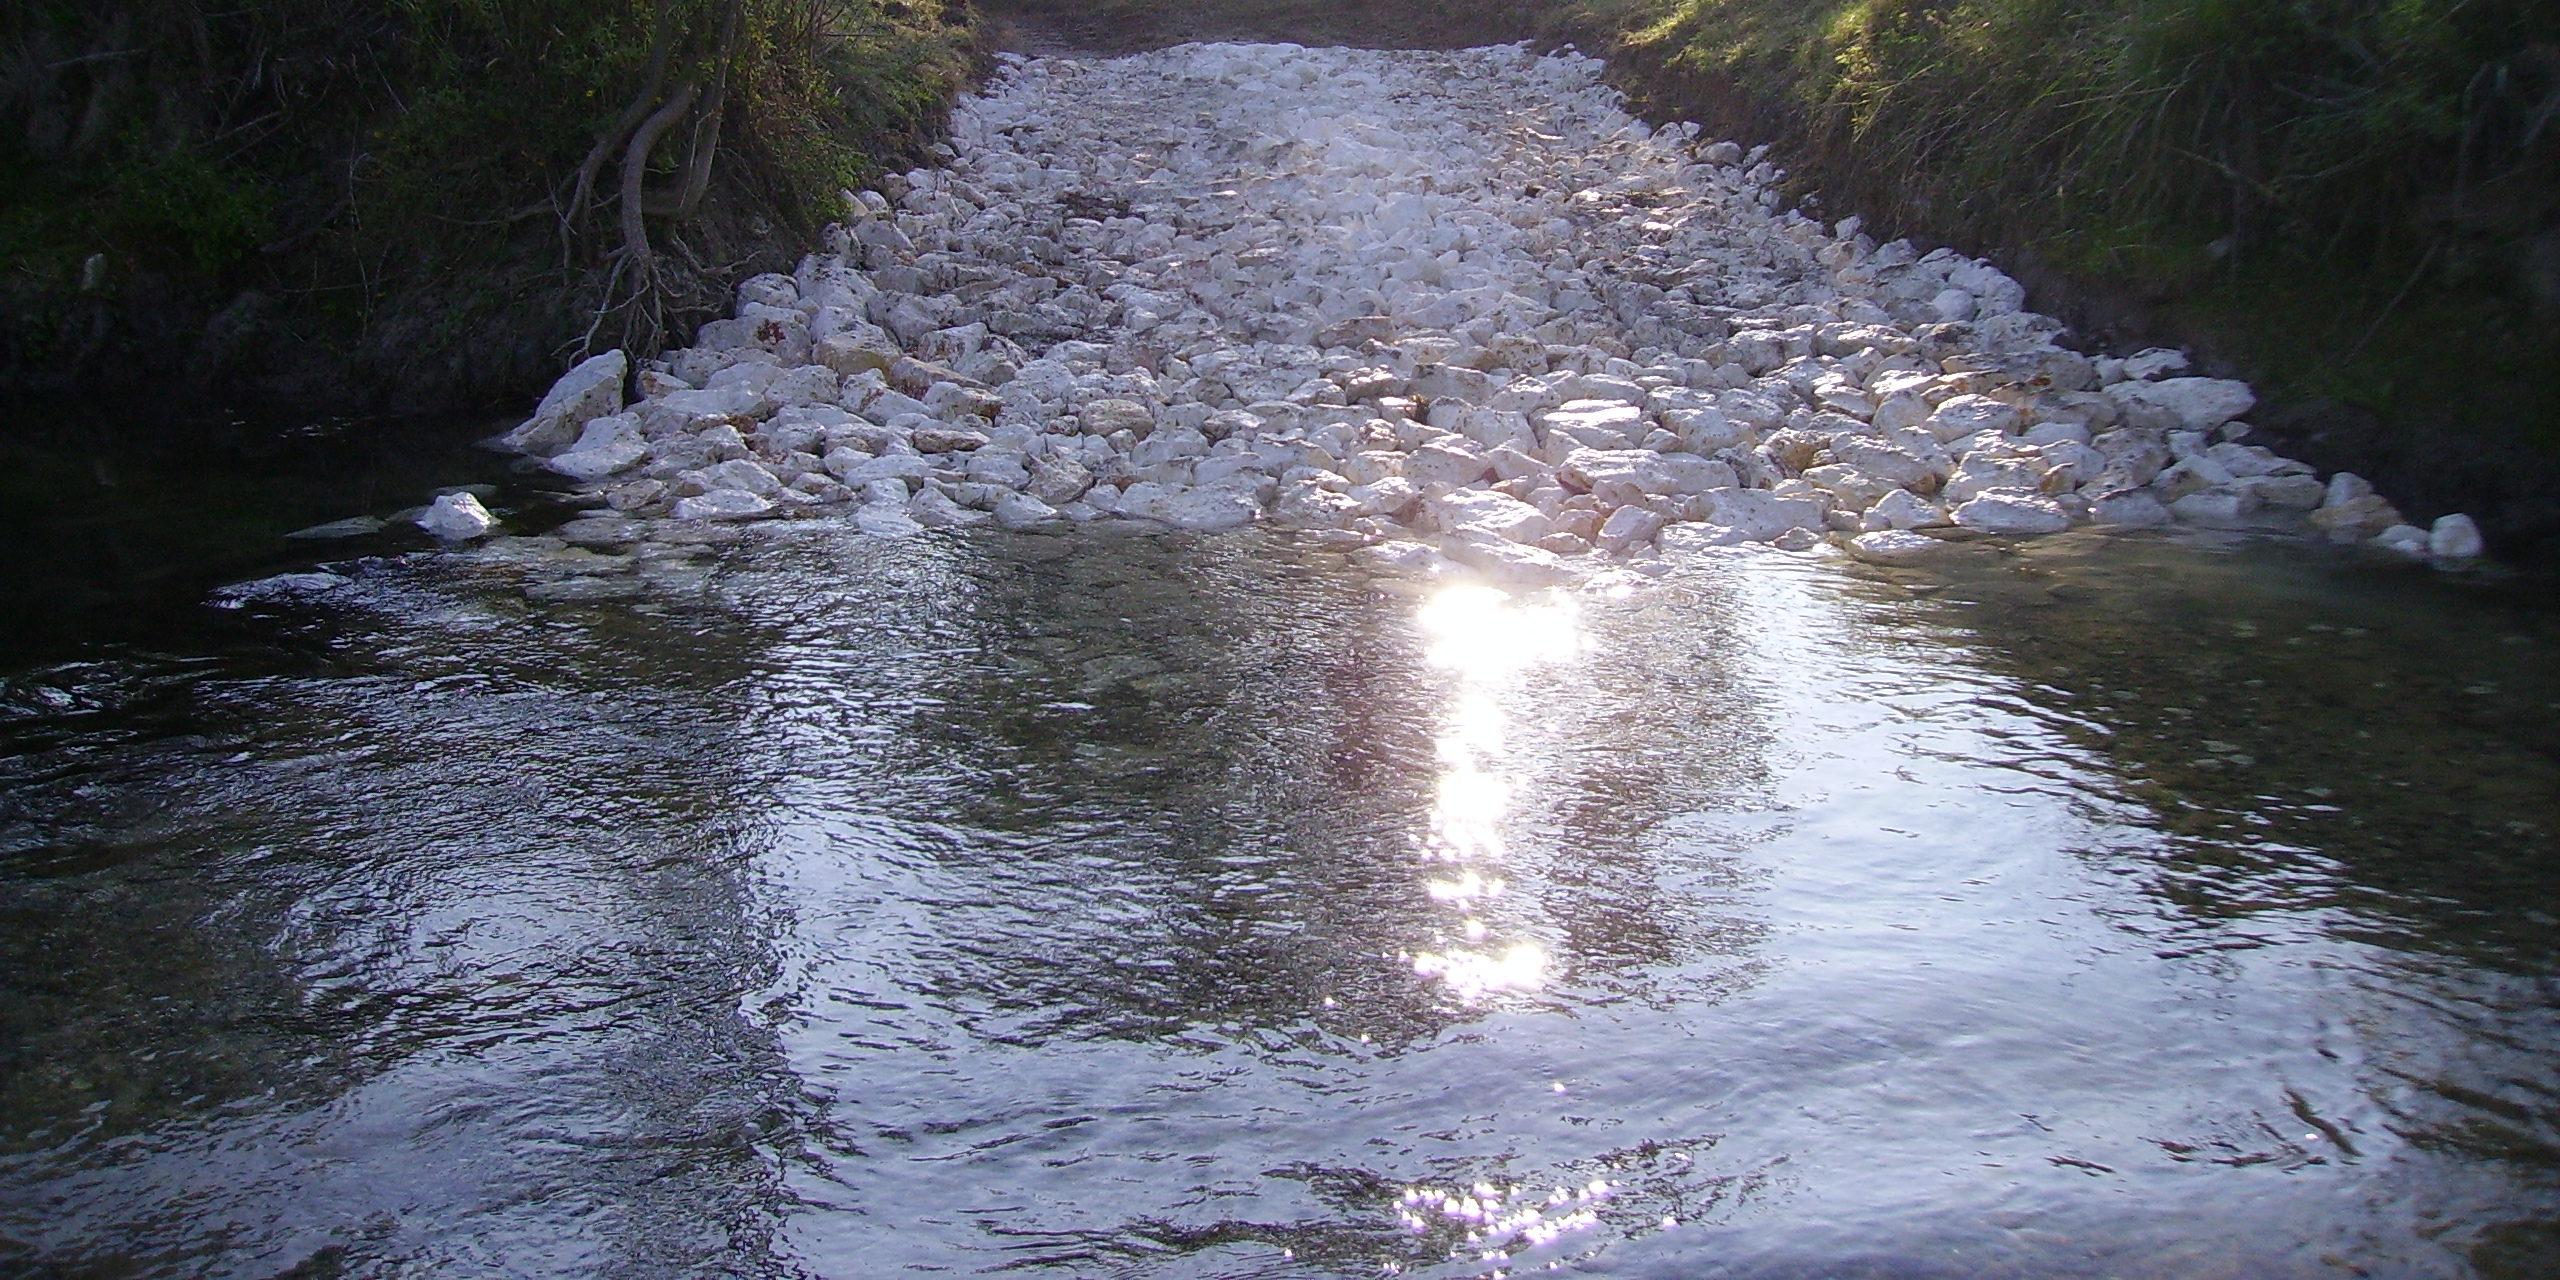 Passage à gués - Rétablissement continuité écologique - CHOGNOT